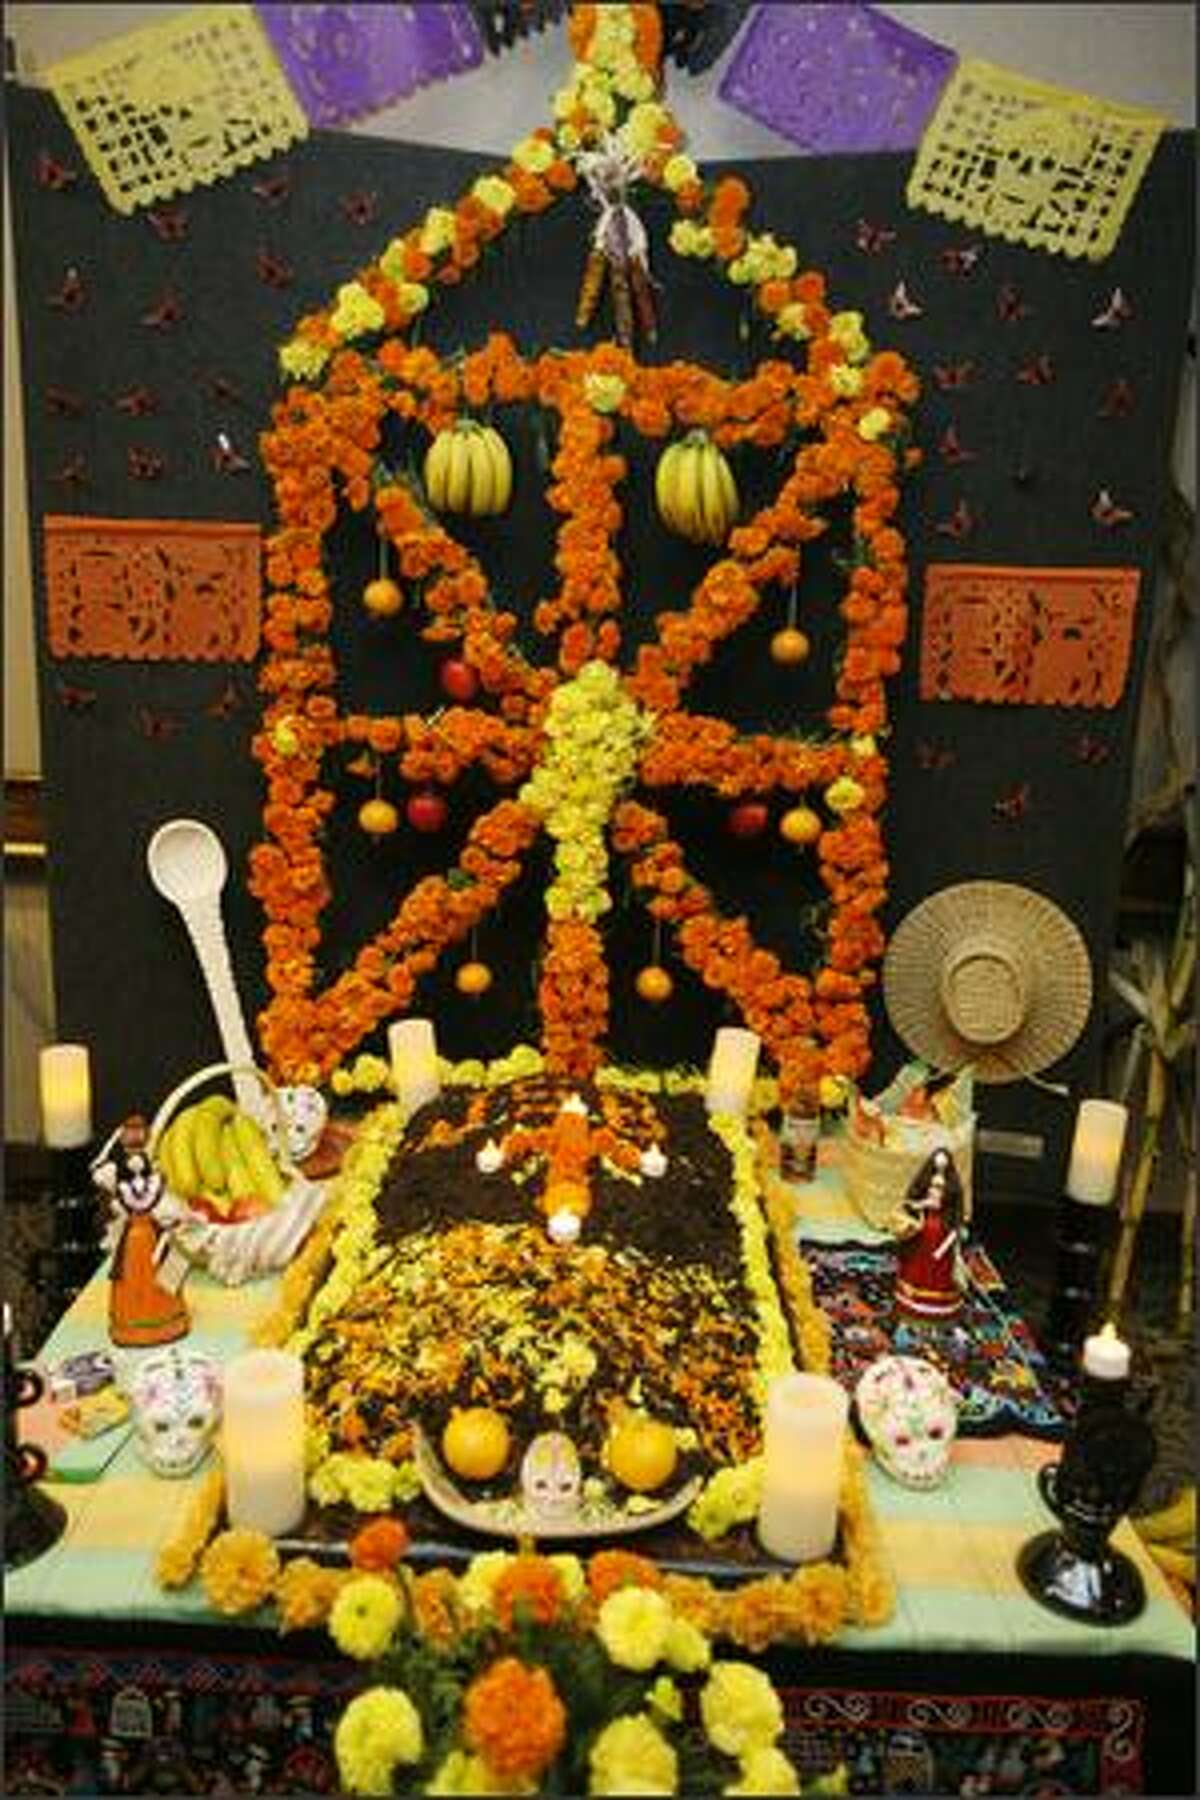 A Dia de Muertos altar on exhibit.